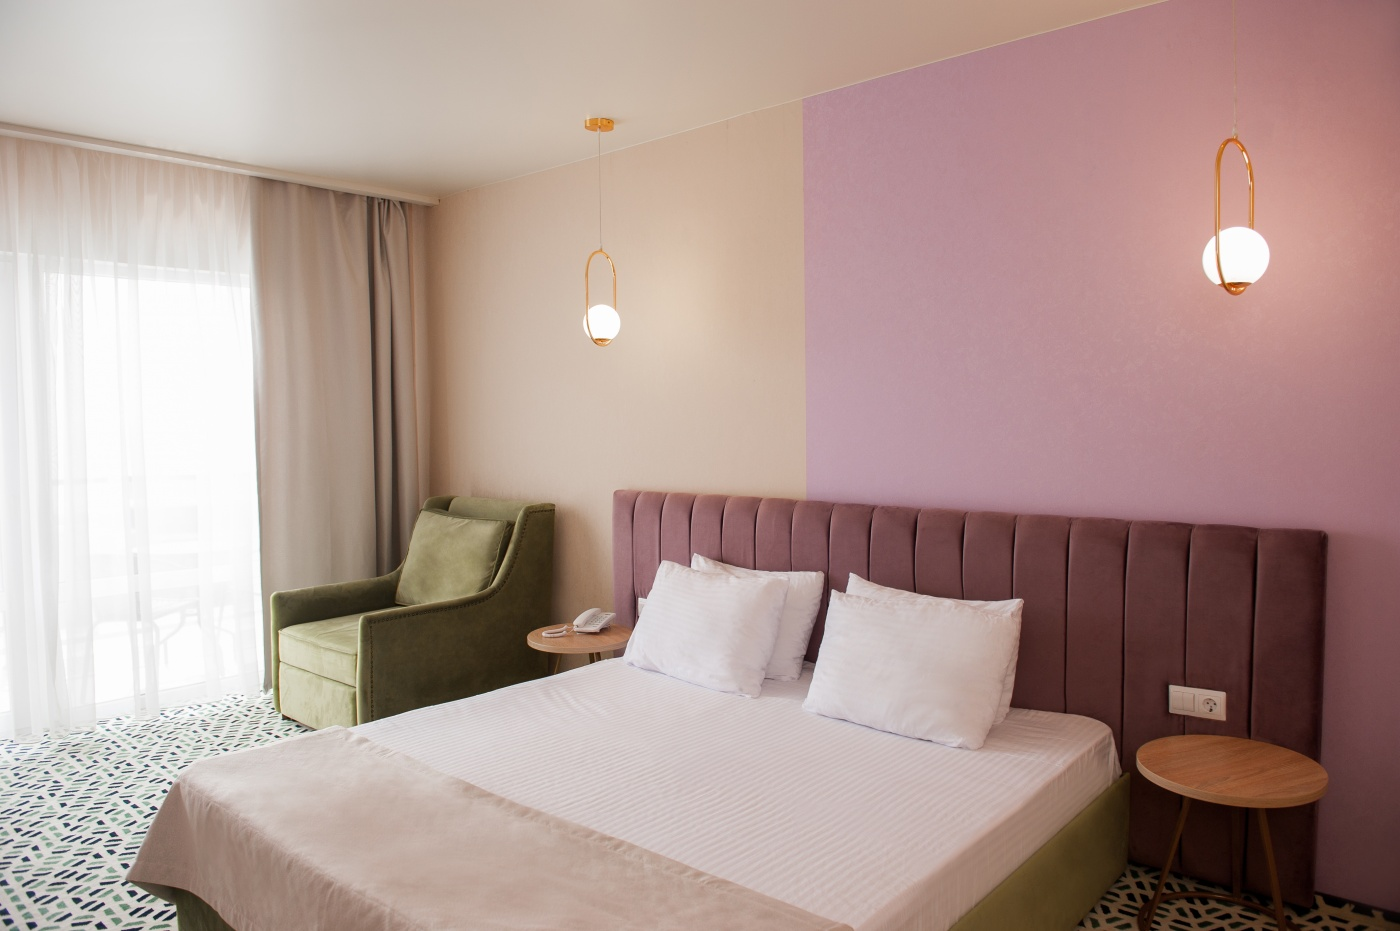 Отель «Aurum Family Resort & Spa» Краснодарский край Standard SV 2-местный (в корпусе), фото 1